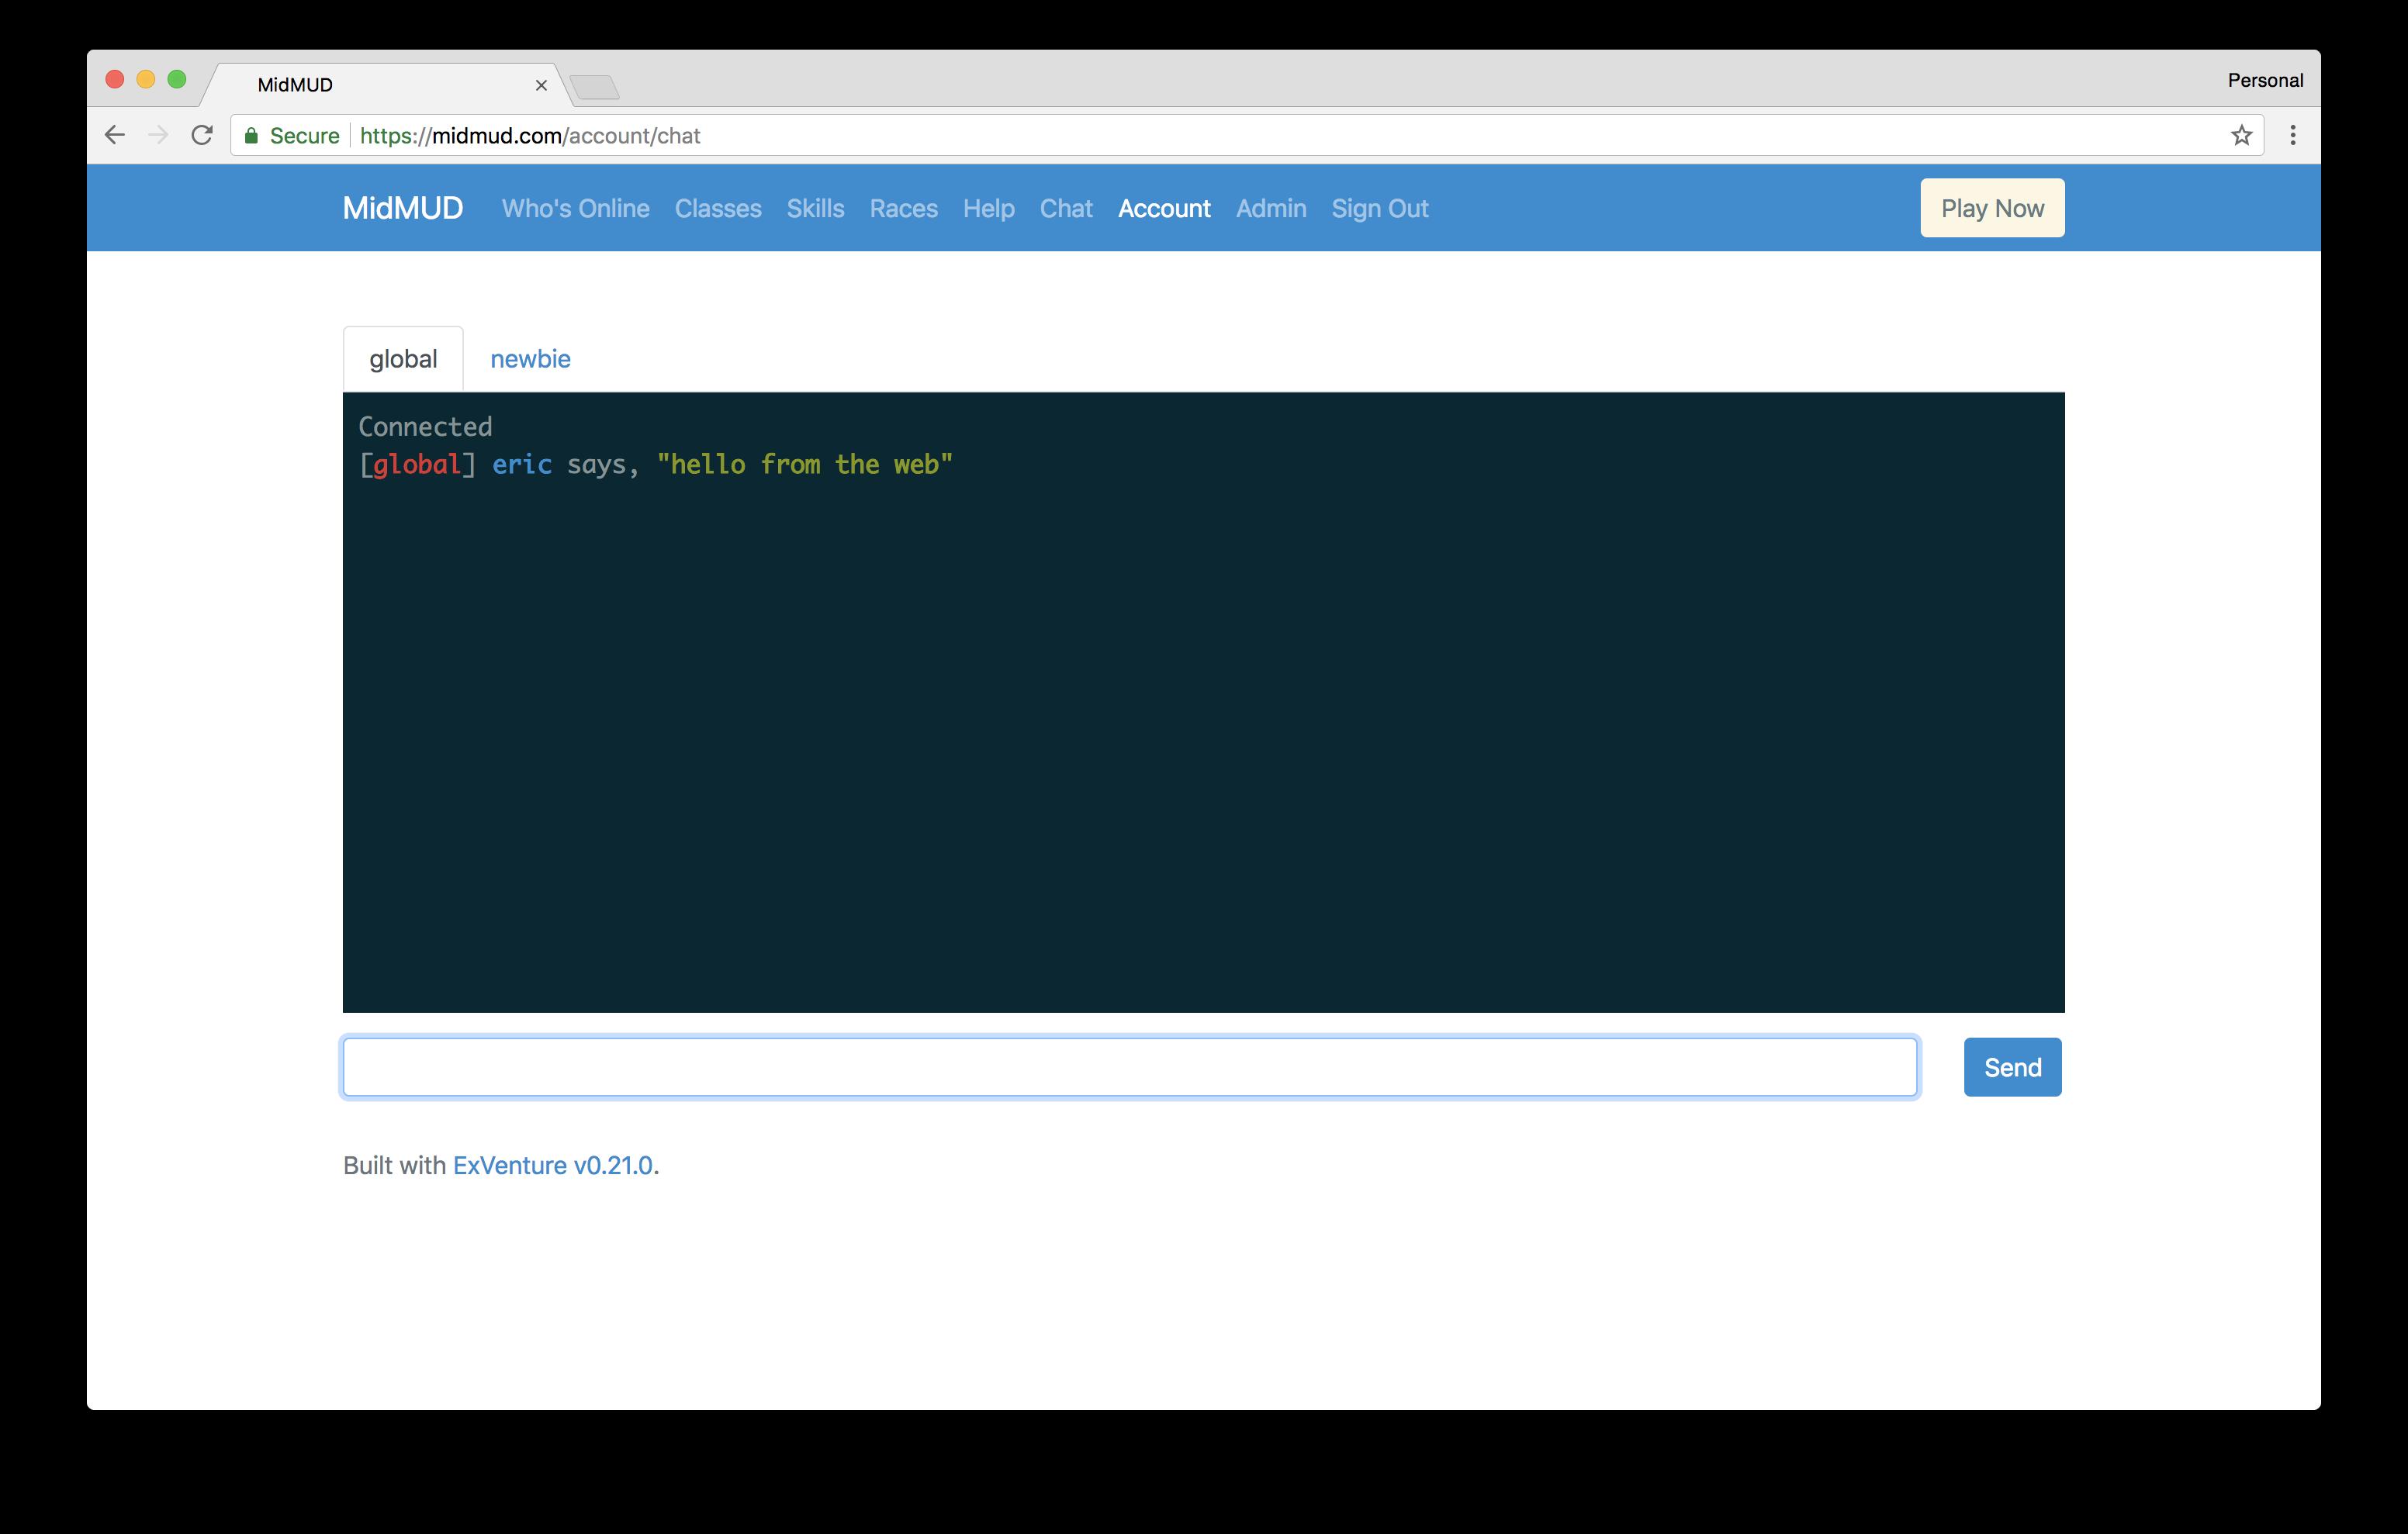 ExVenture Updates for May 2018 - Eric's Devblog